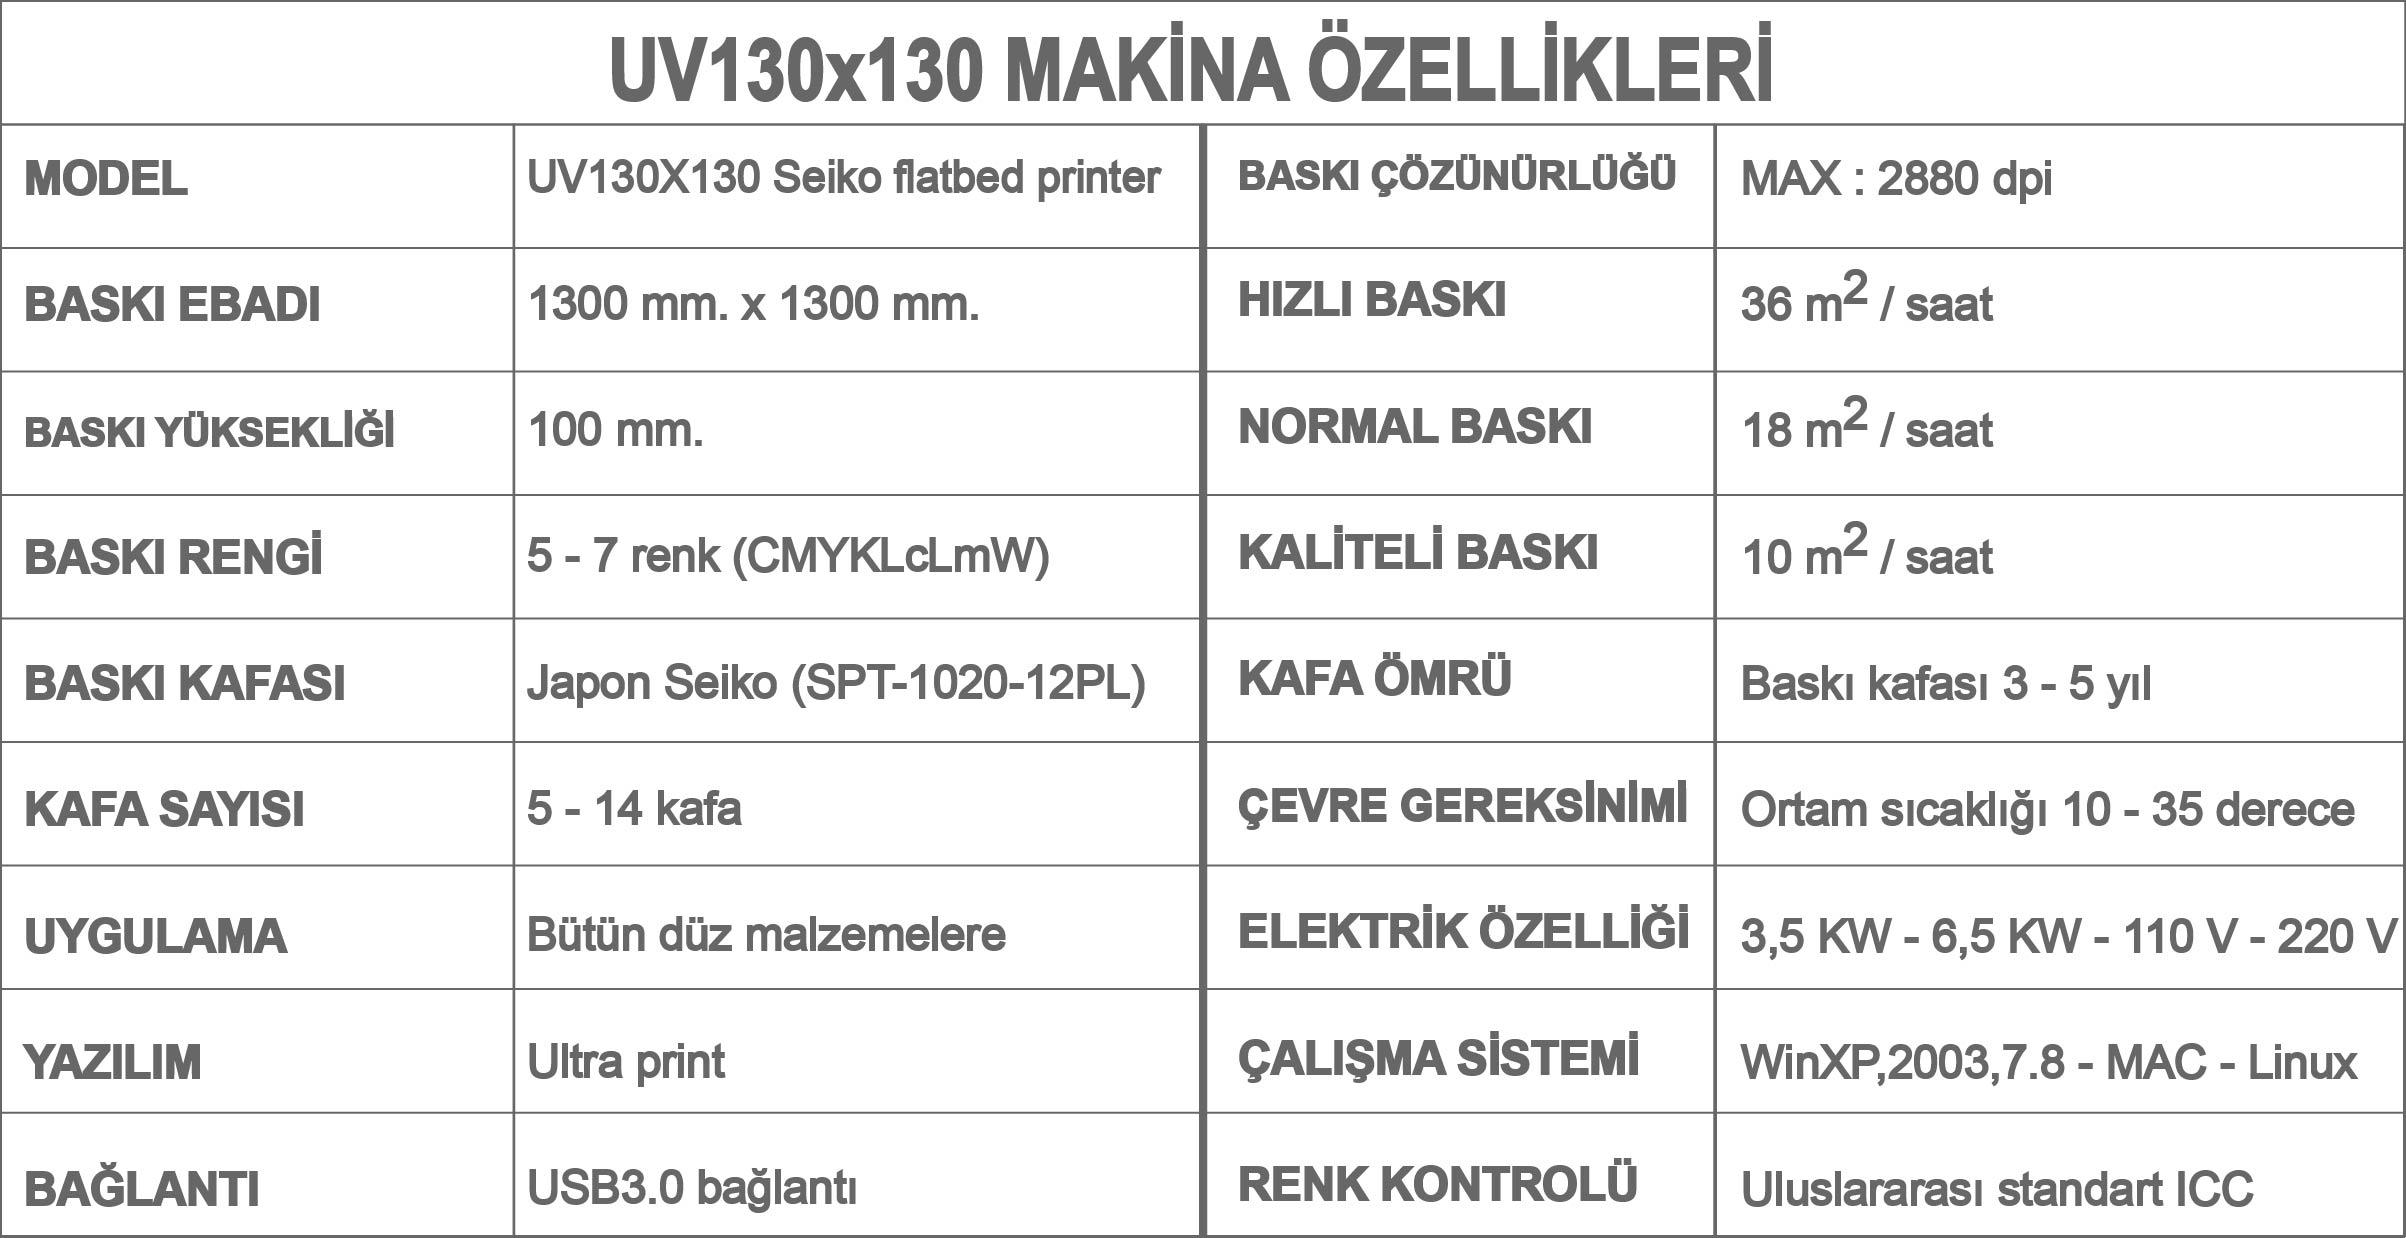 UV130X130 Baskı Makina